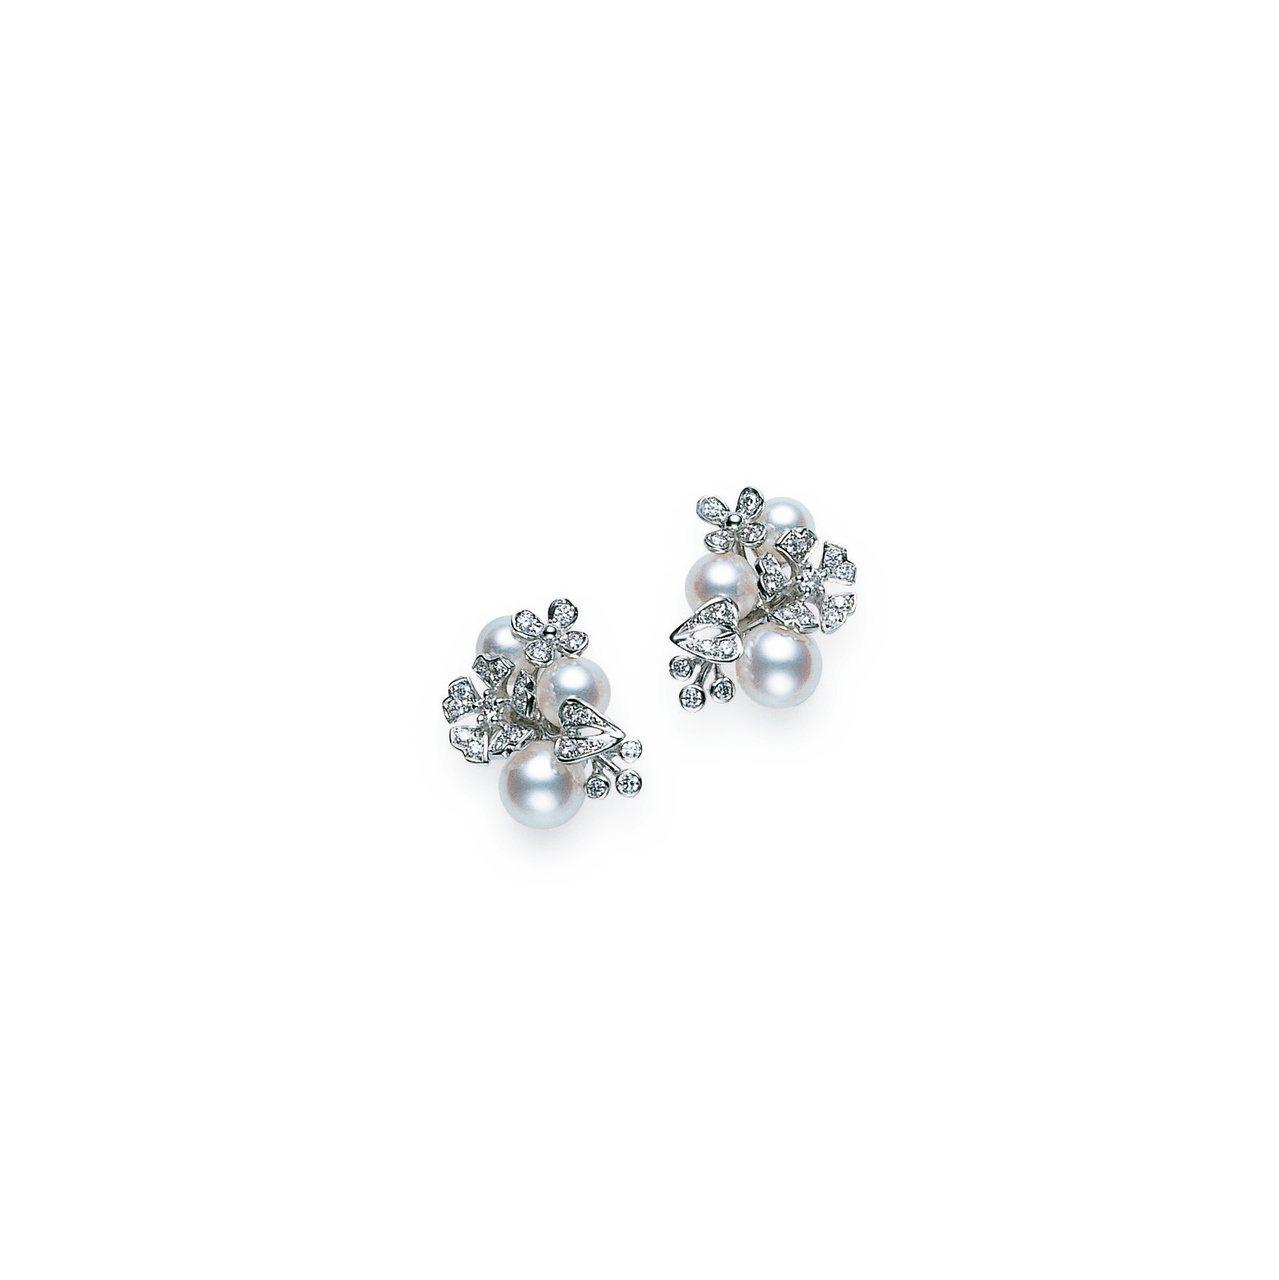 BLOOM Collection日本Akoya珍珠18K白金鑽石耳環,14萬8,...